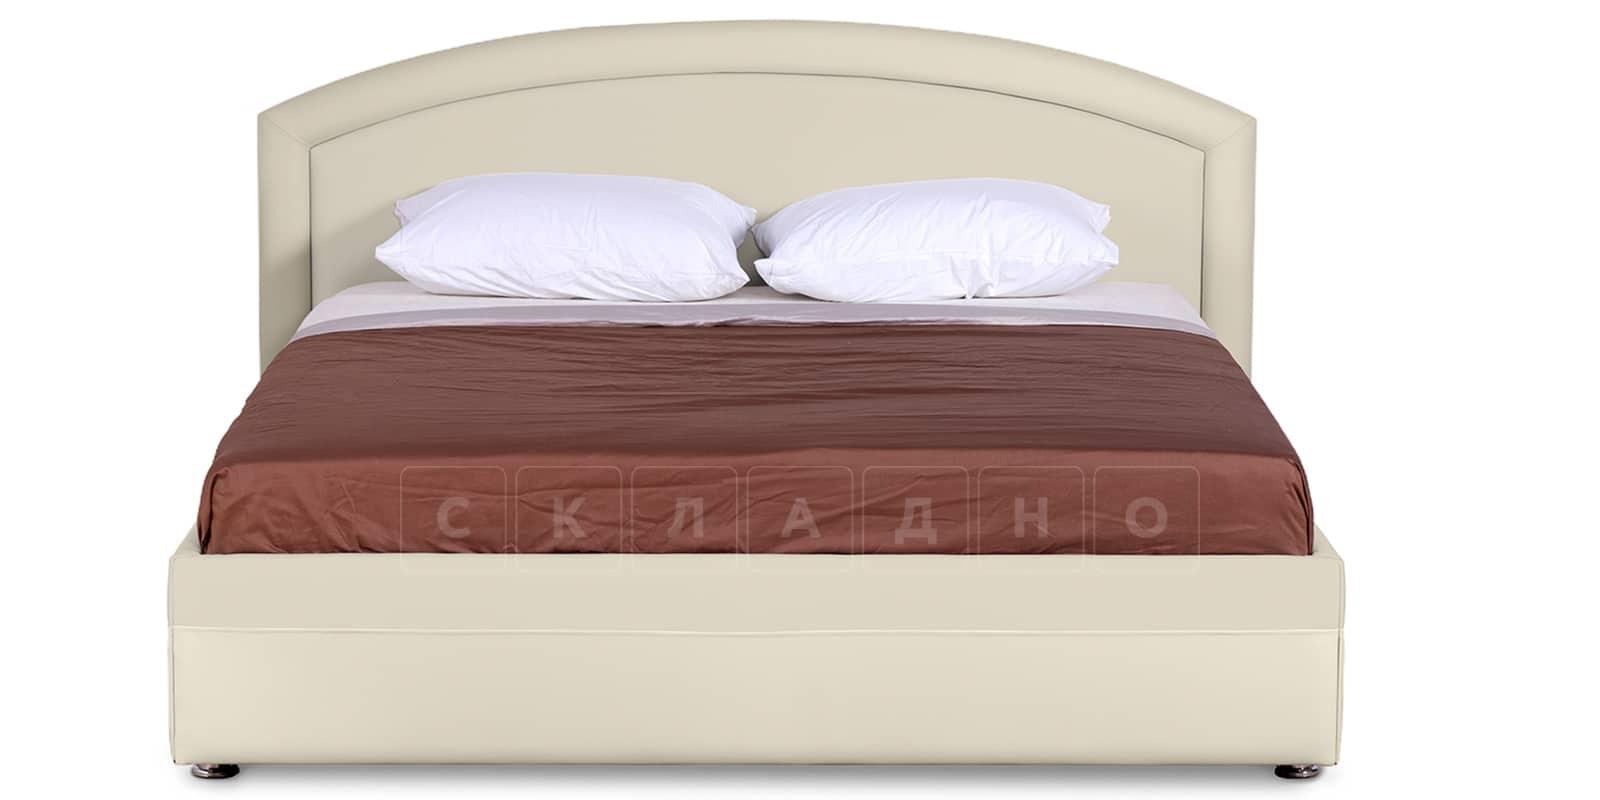 Мягкая кровать Малибу 160см экокожа бежевый вариант 8-2 фото 3 | интернет-магазин Складно